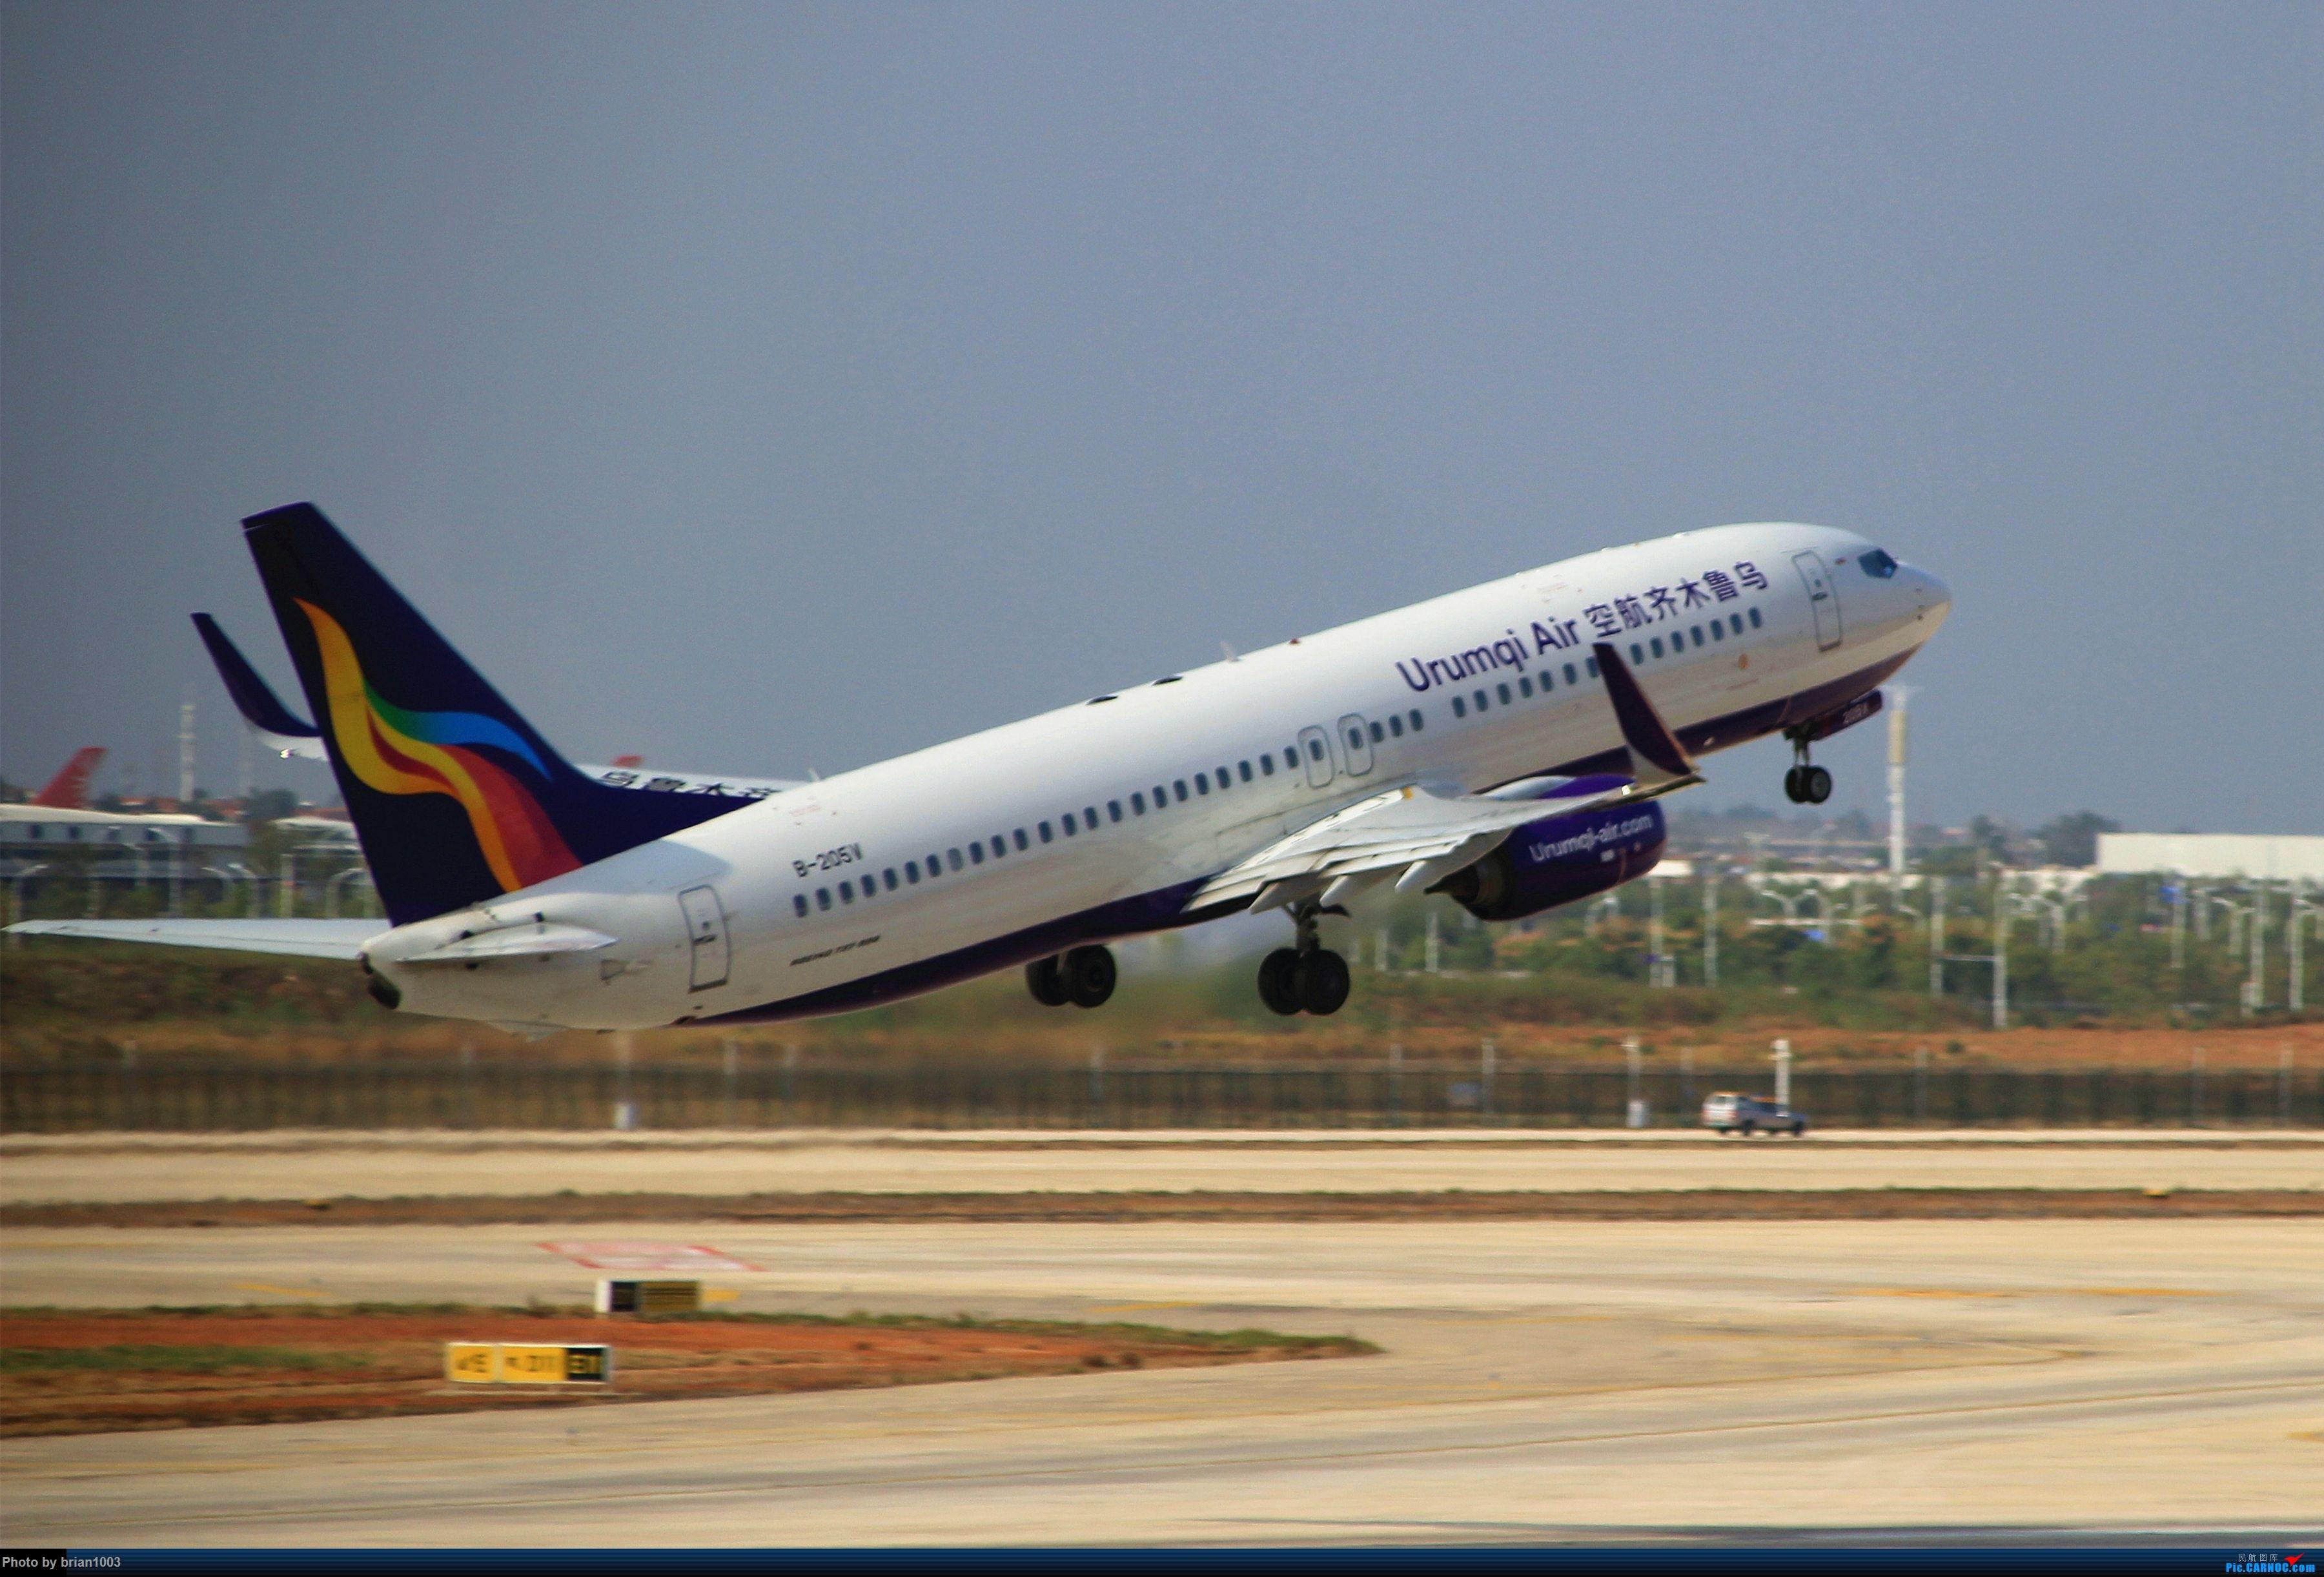 Re:[原创]WUH武汉天河机场拍机之精彩满满的十月(还可能更新) BOEING 737-800 B-205V 中国武汉天河国际机场